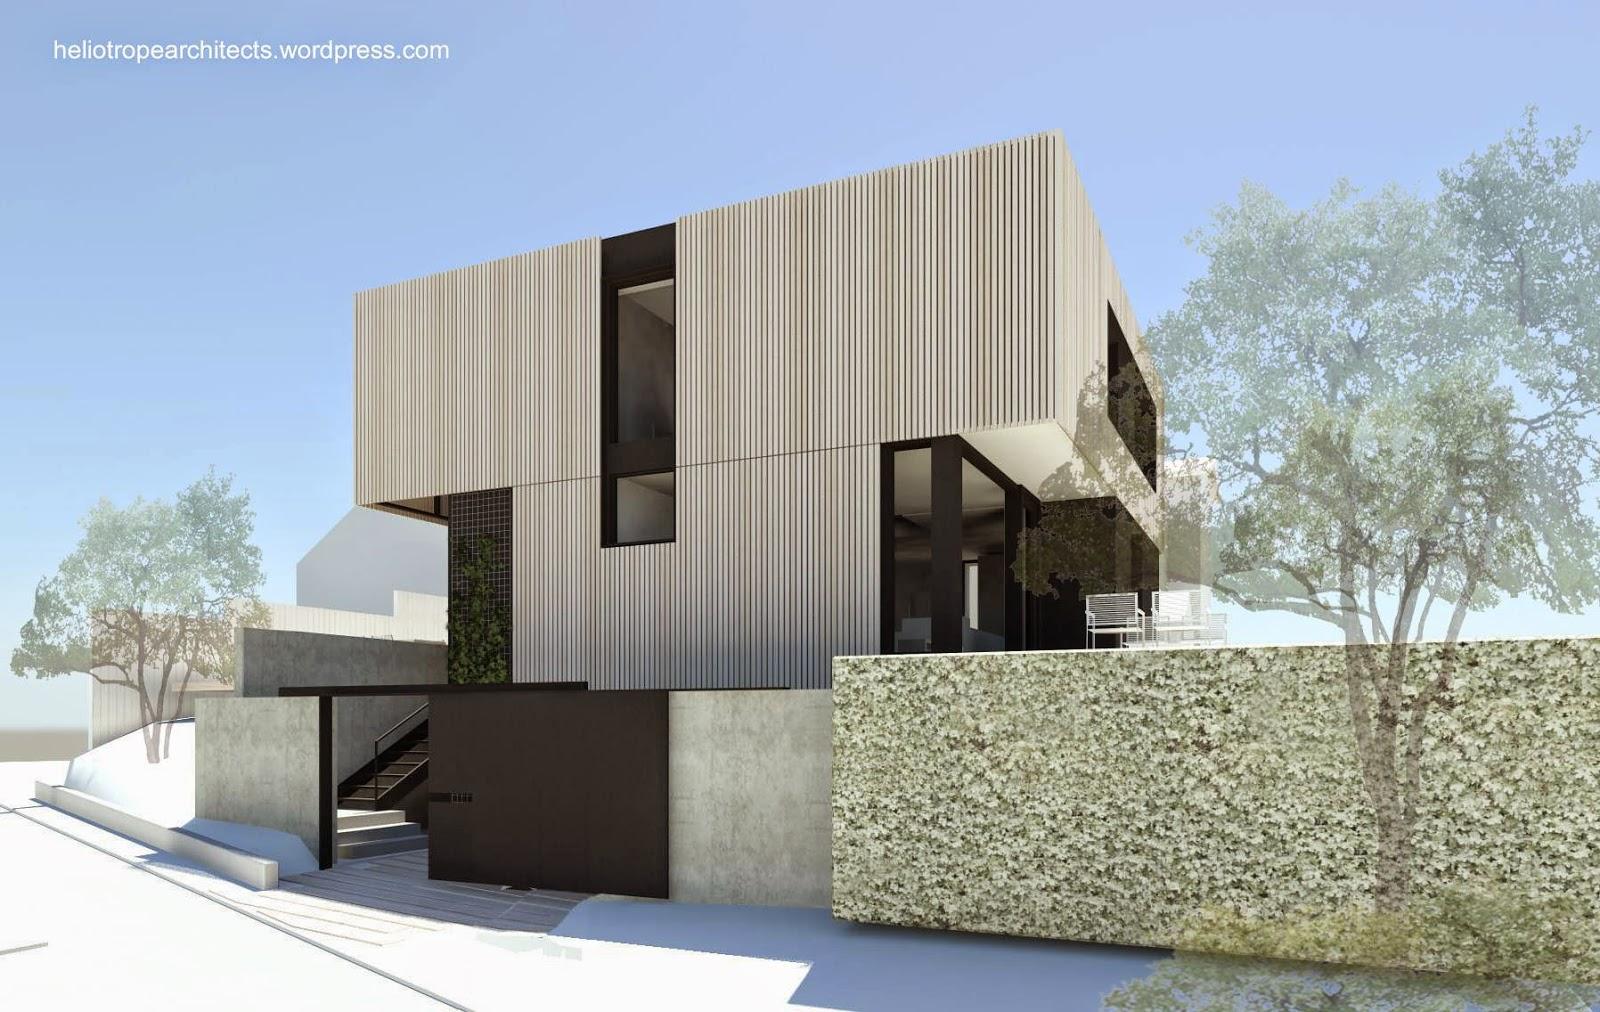 Conceptos de dise o y construcci n de casas modernas for Diseno y construccion de casas